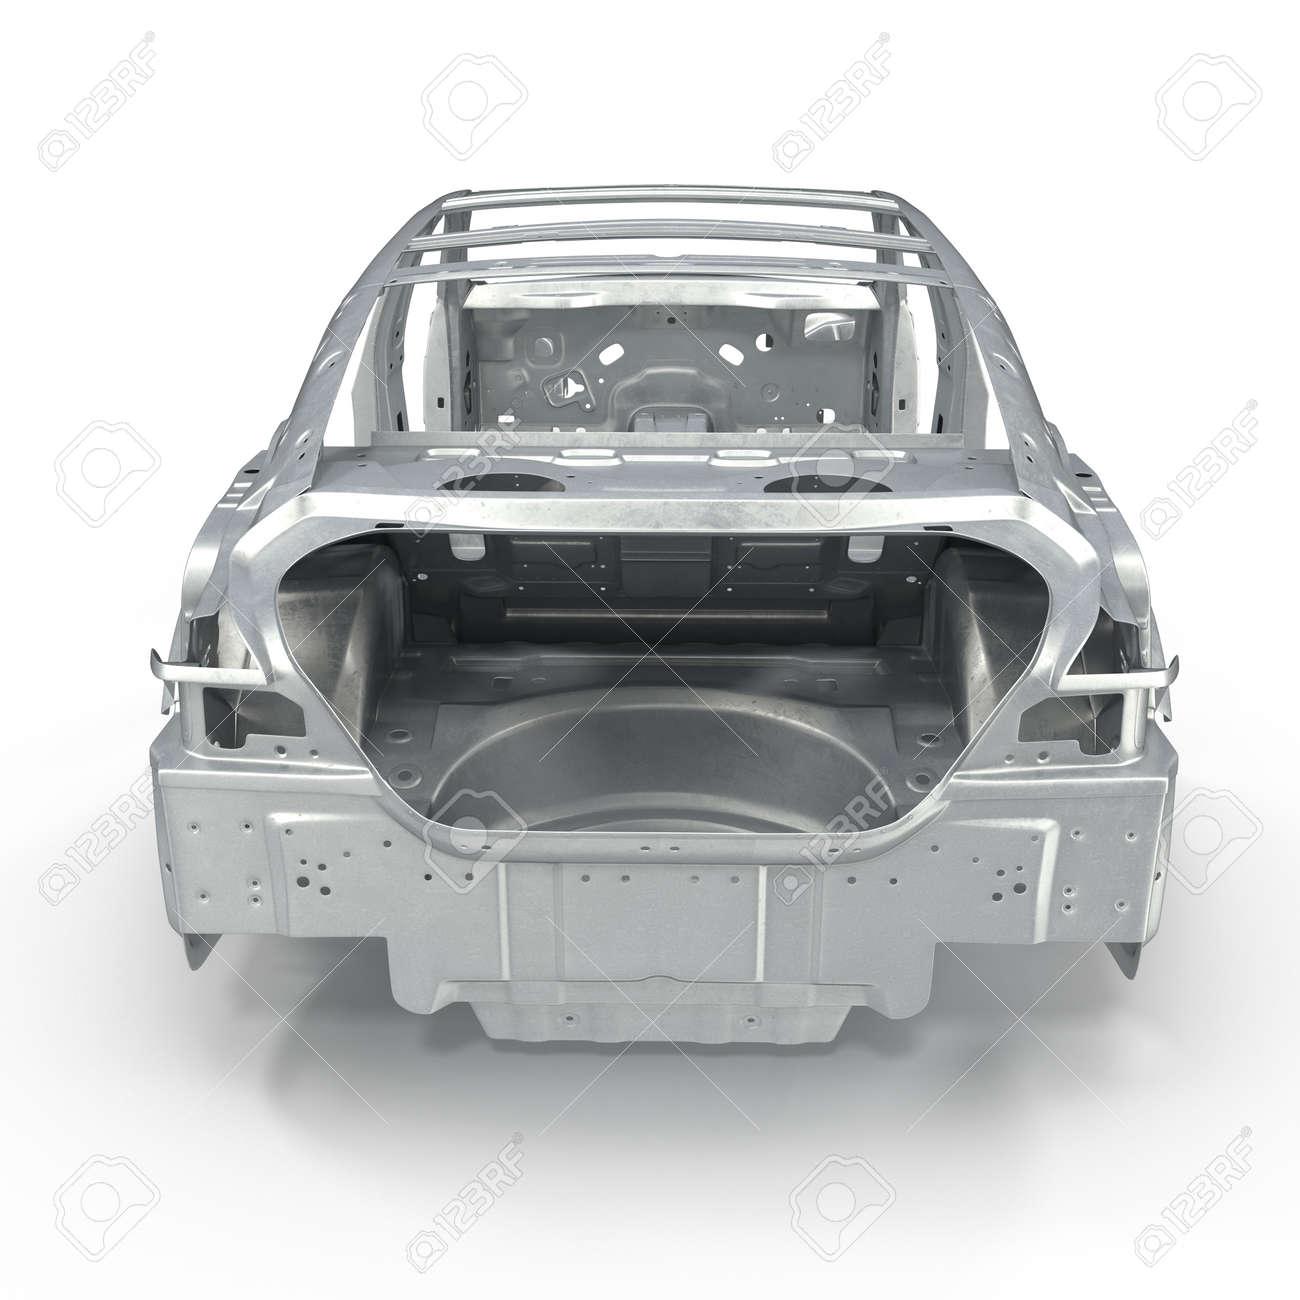 Rückansicht Auto-Rahmen Ohne Chassis Auf Weißen Hintergrund. 3D ...